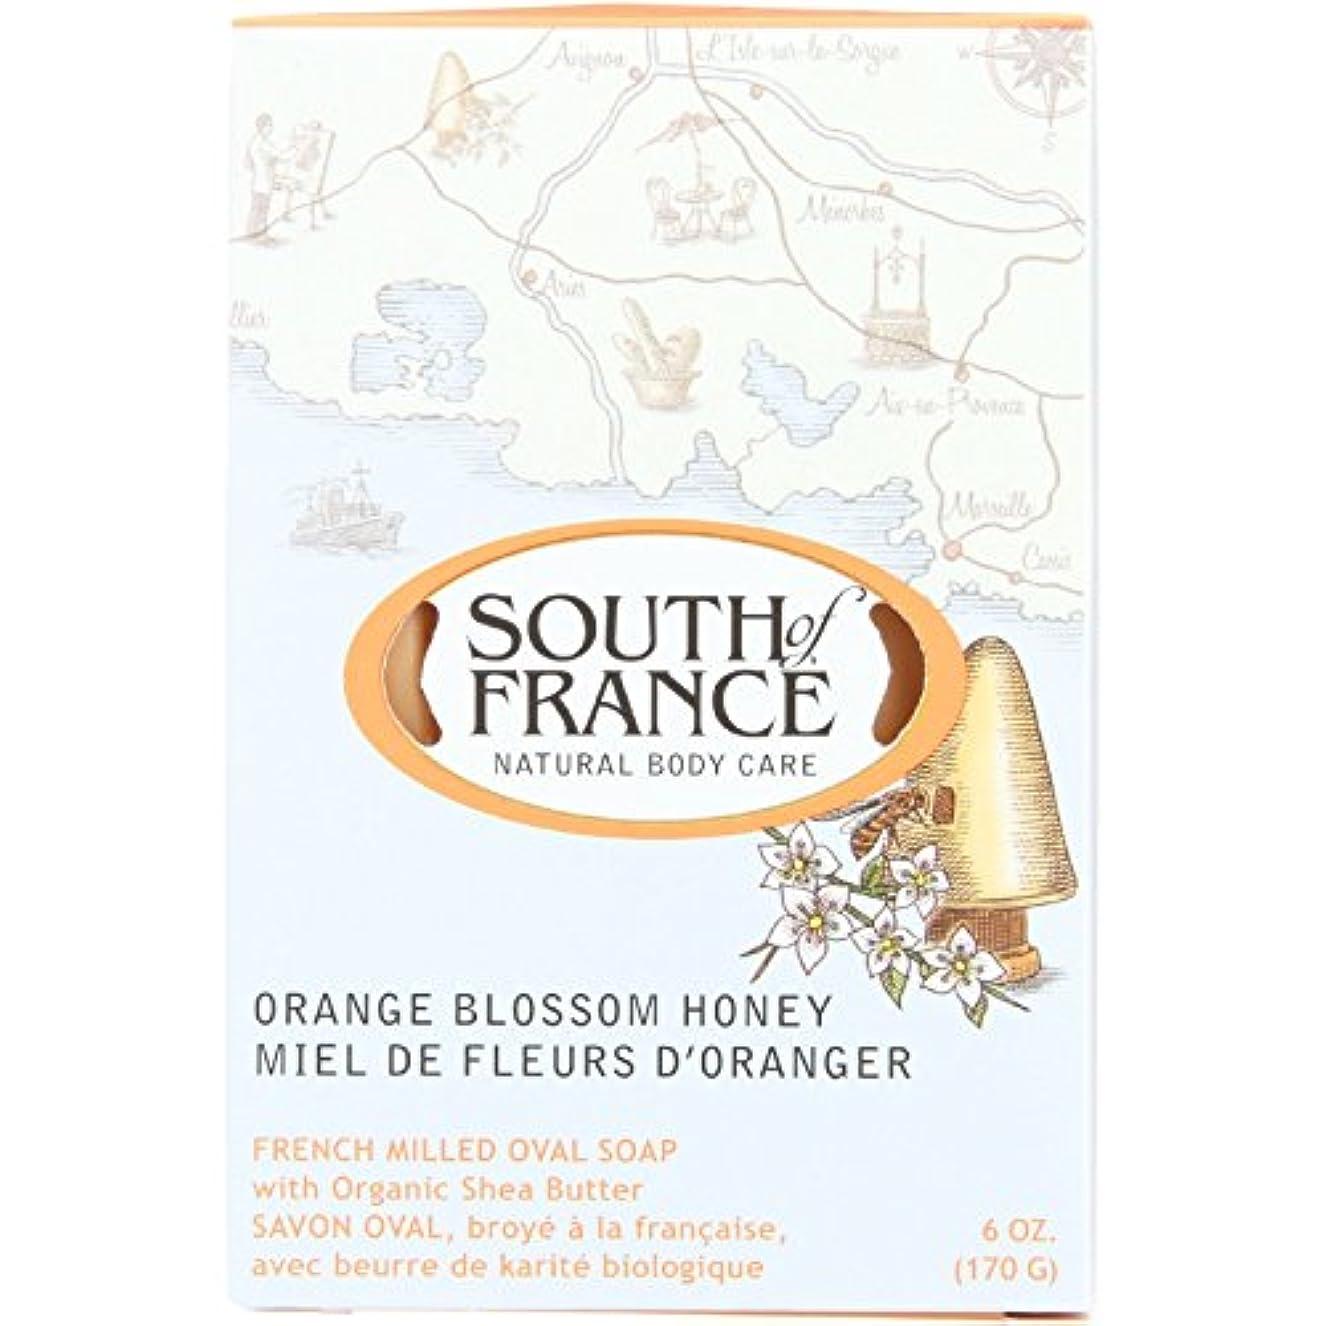 カスケードテザーメロドラマSouth of France - フランスの製粉された野菜棒石鹸のオレンジ花の蜂蜜 - 6ポンド